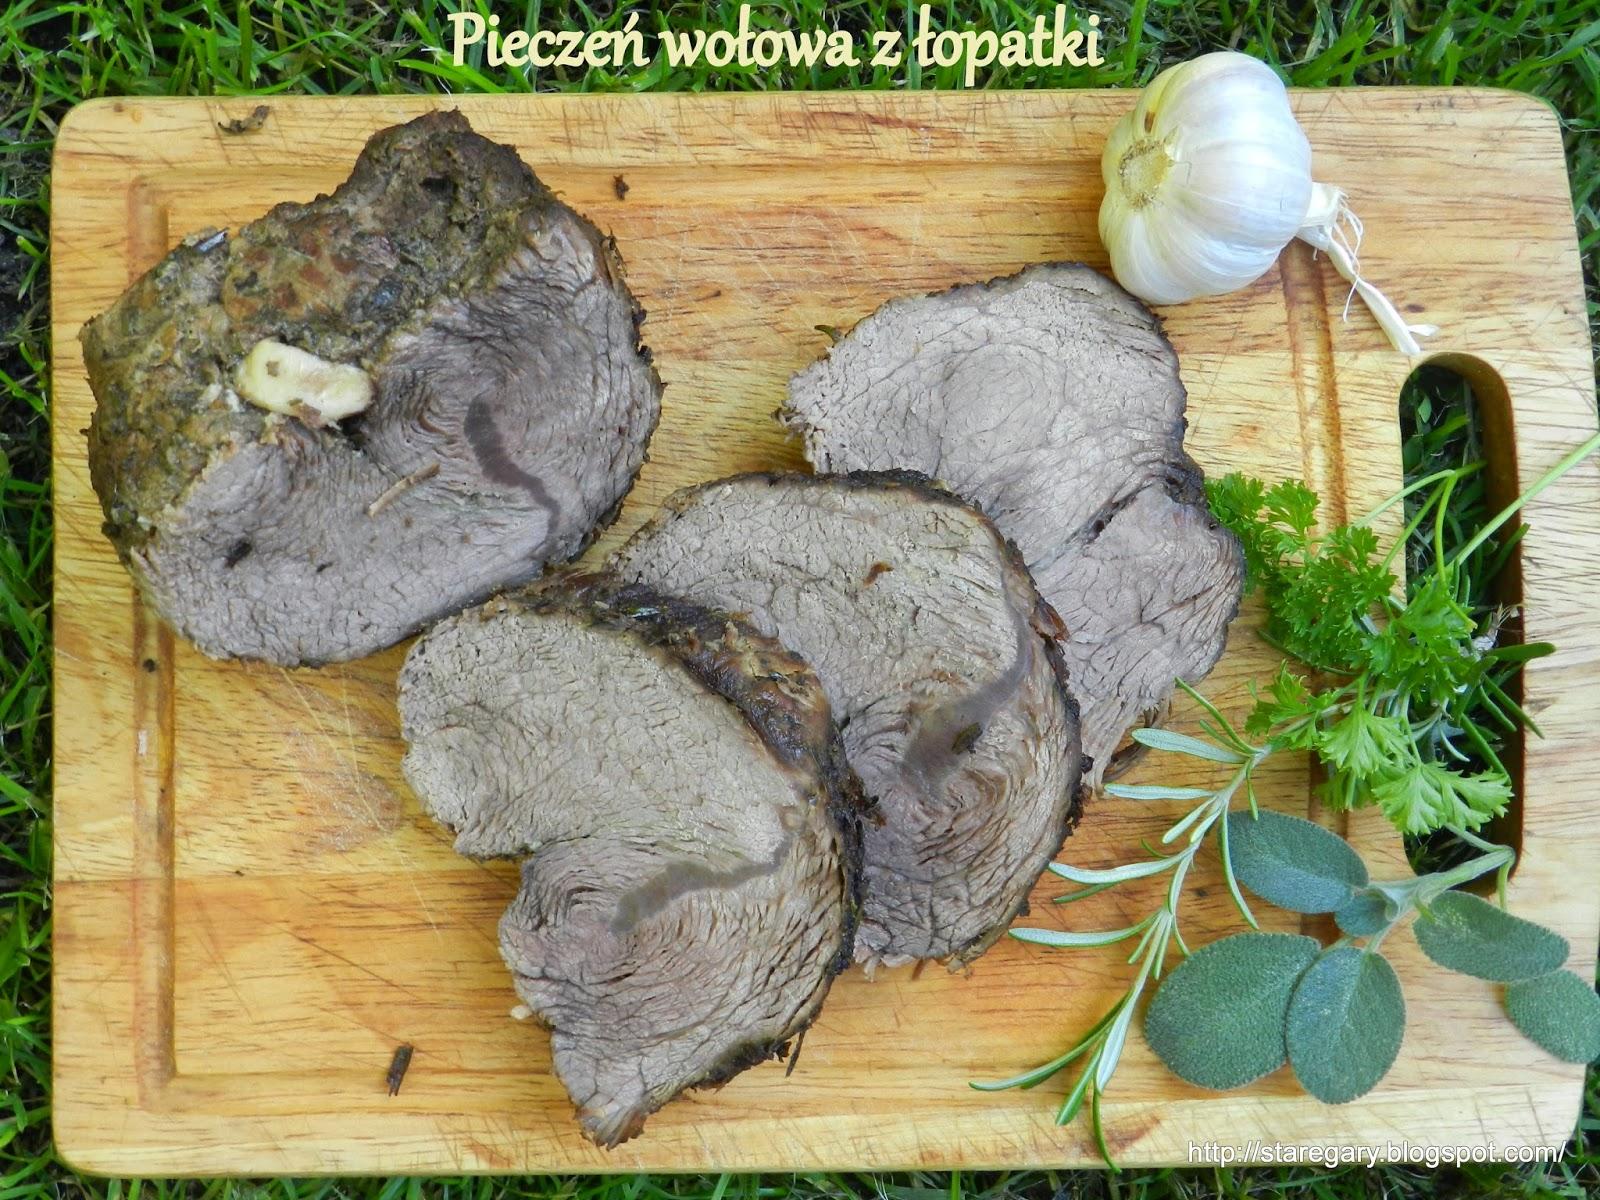 Pieczeń wołowa z łopatki w garnku rzymskim